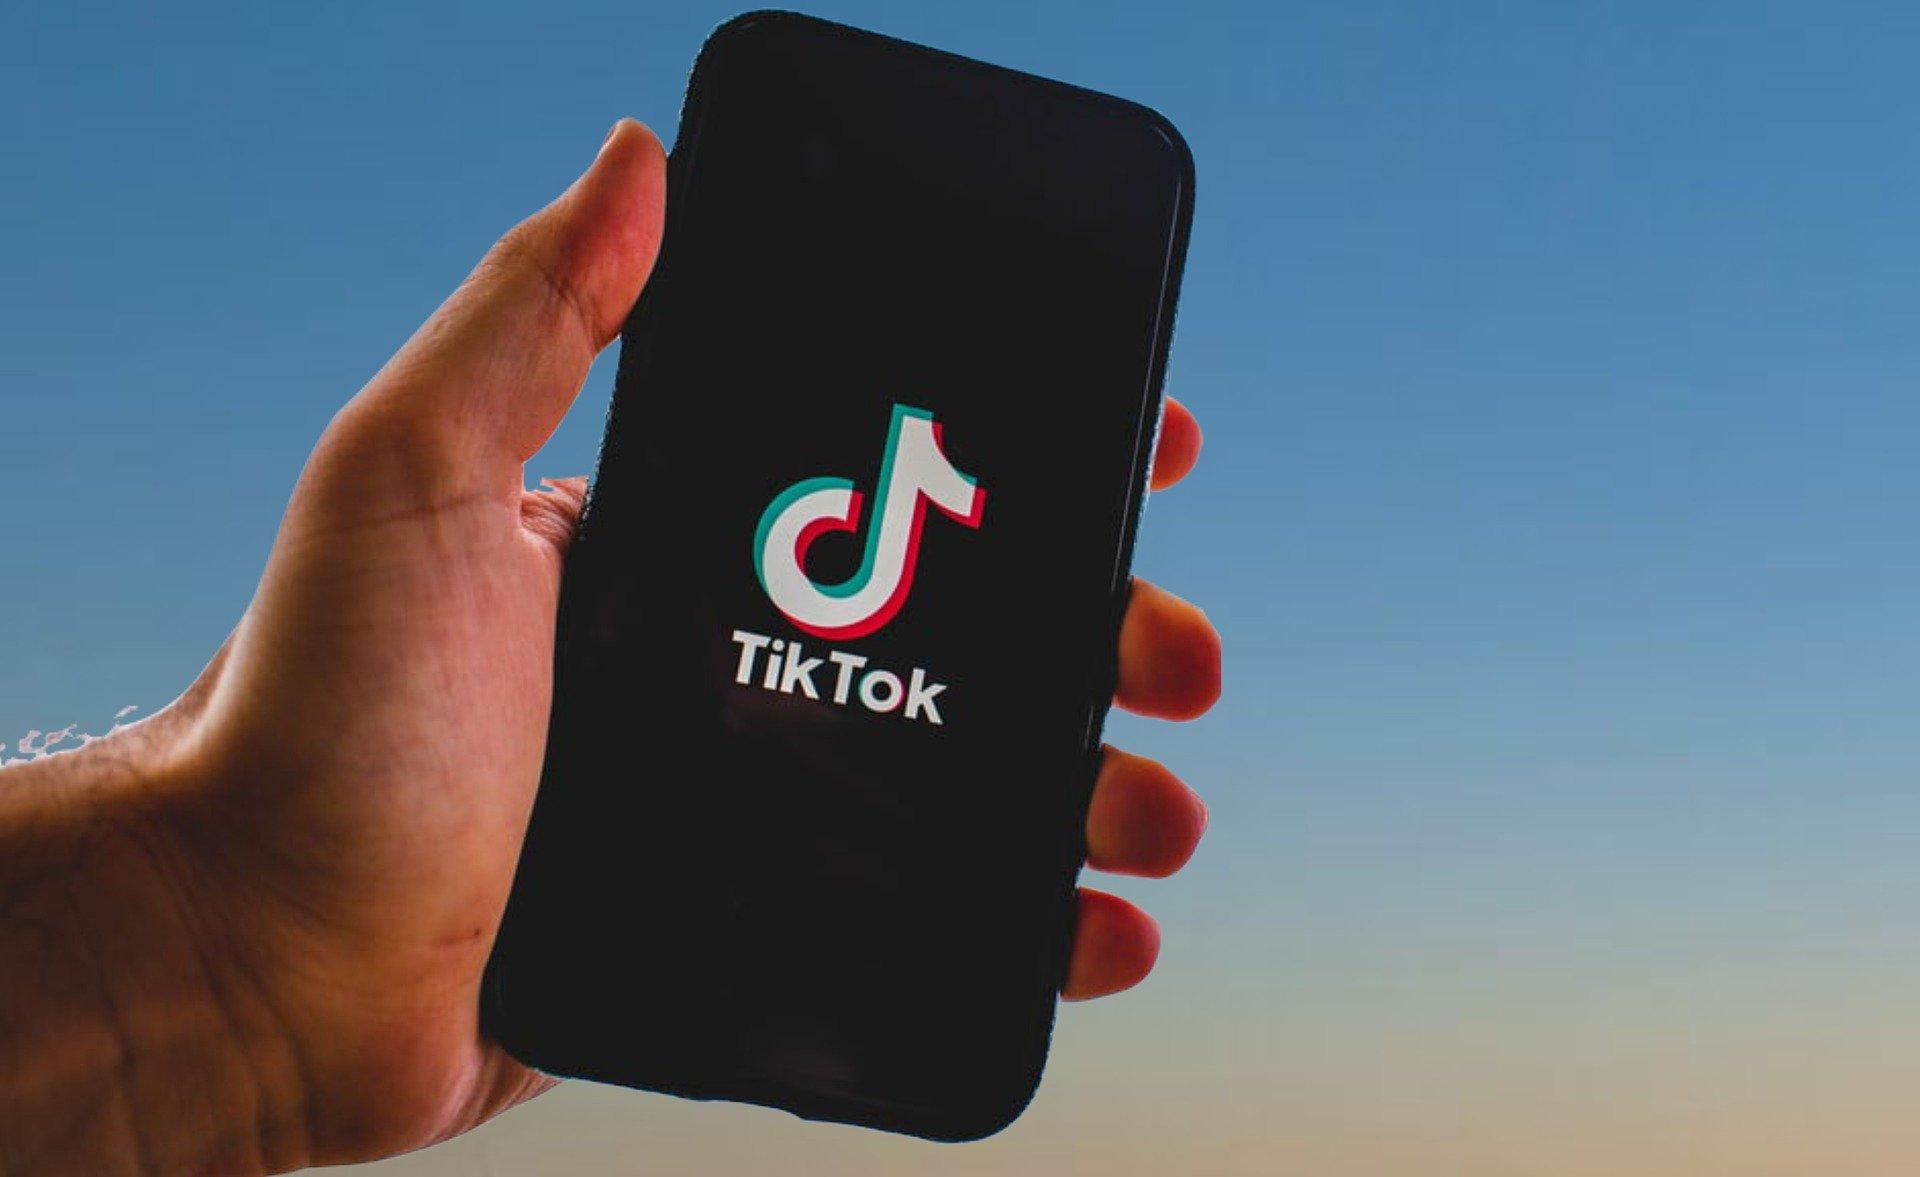 Trump fixe une date limite pour le rachat du réseau social — Tiktok